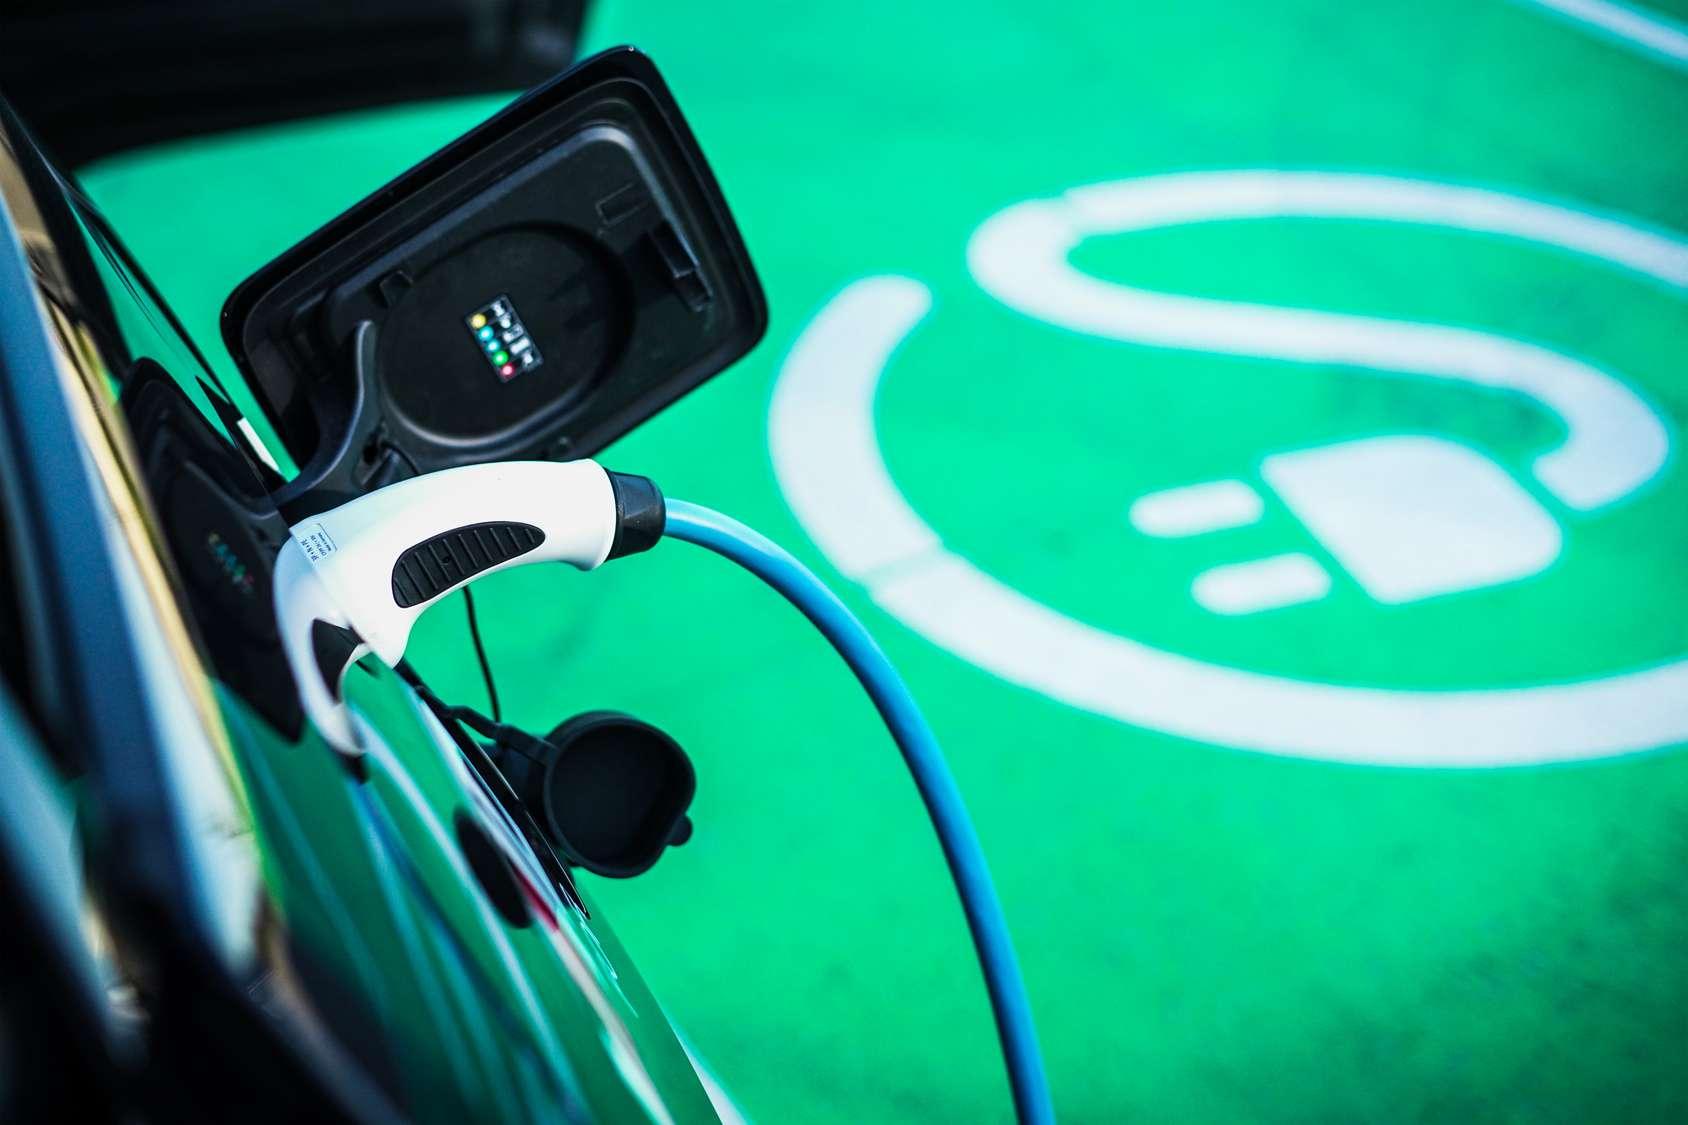 L'Avere et L'Argus lancent le tout premier baromètre du marché français des véhicules électriques d'occasion. © RS-Studios